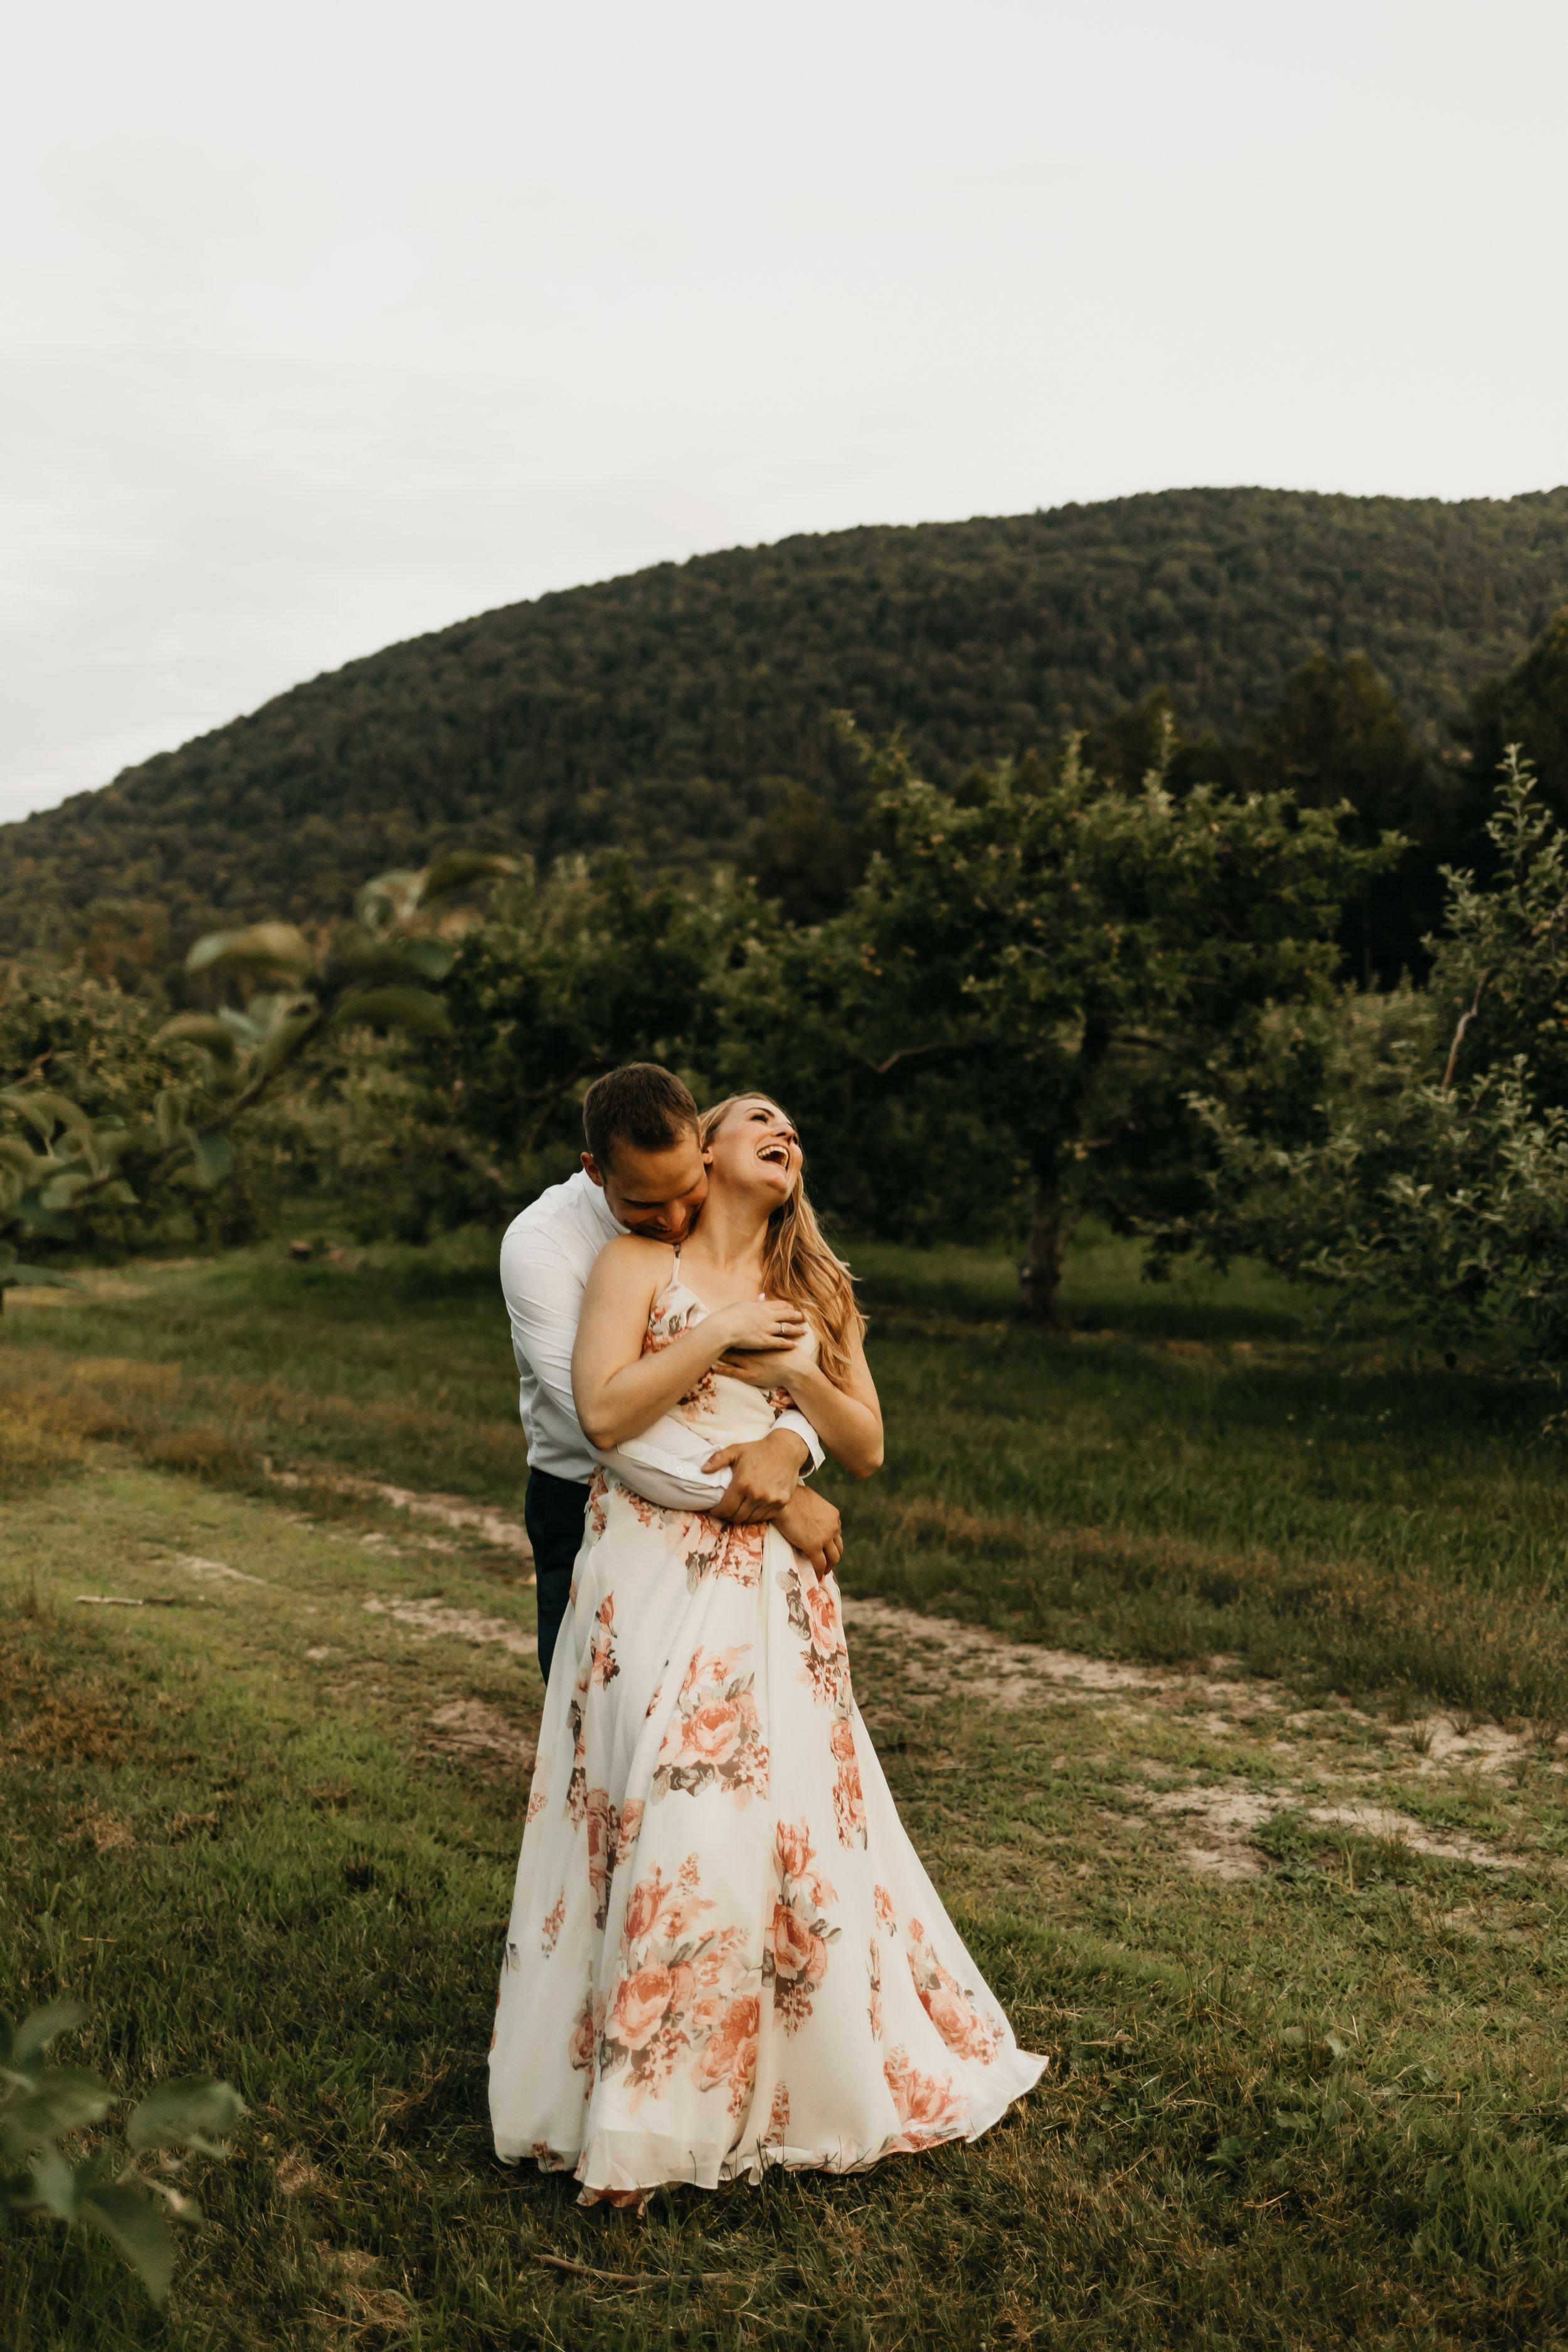 Engagement-shoot-Mont-saint-hilaire-québec-2629.jpg